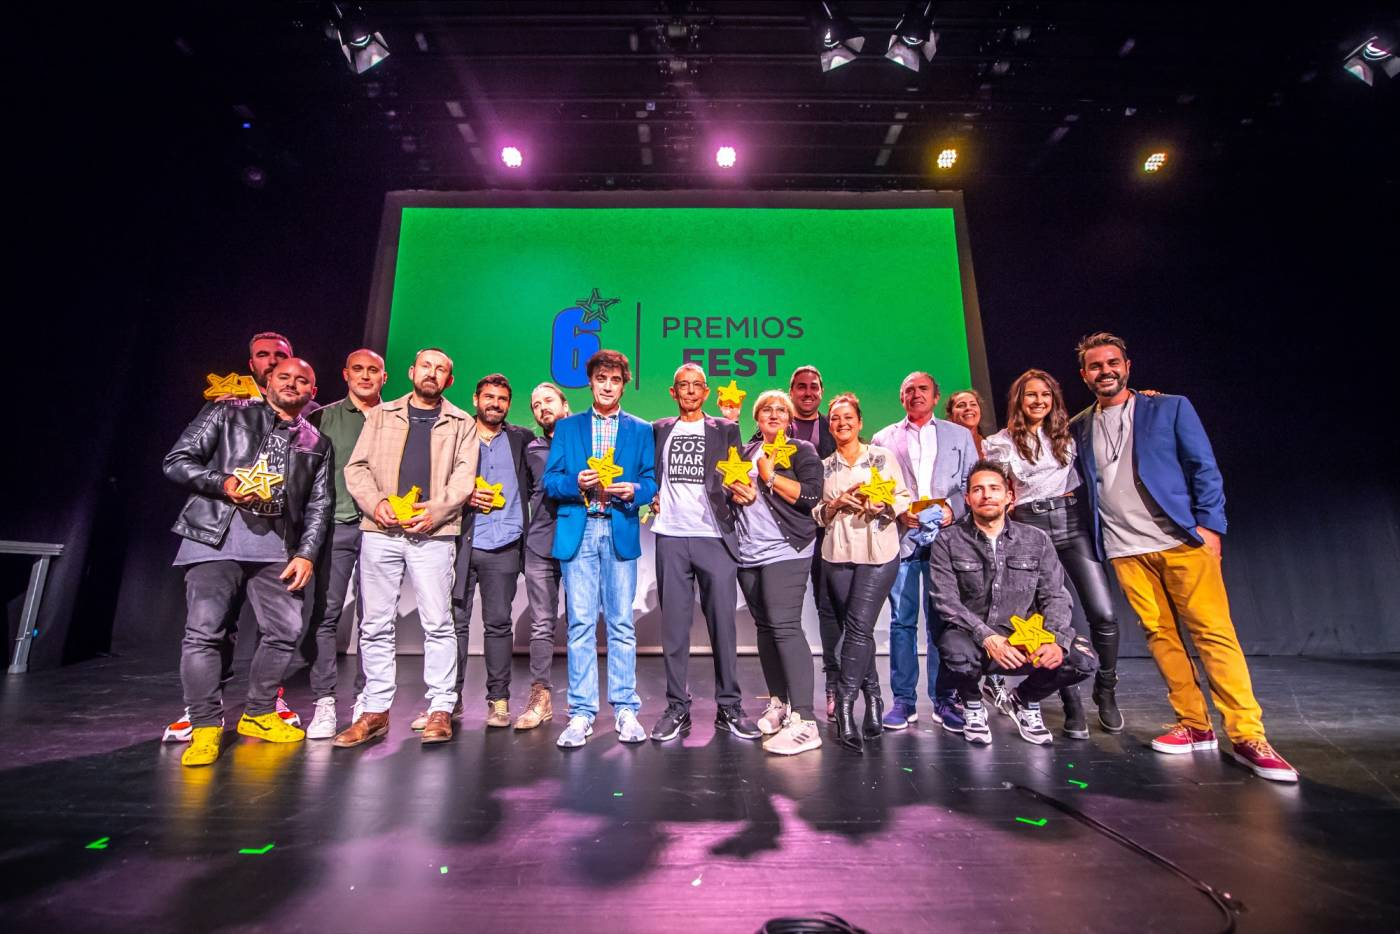 Ya tenemos a los ganadores de la VI edición de los Premios Fest